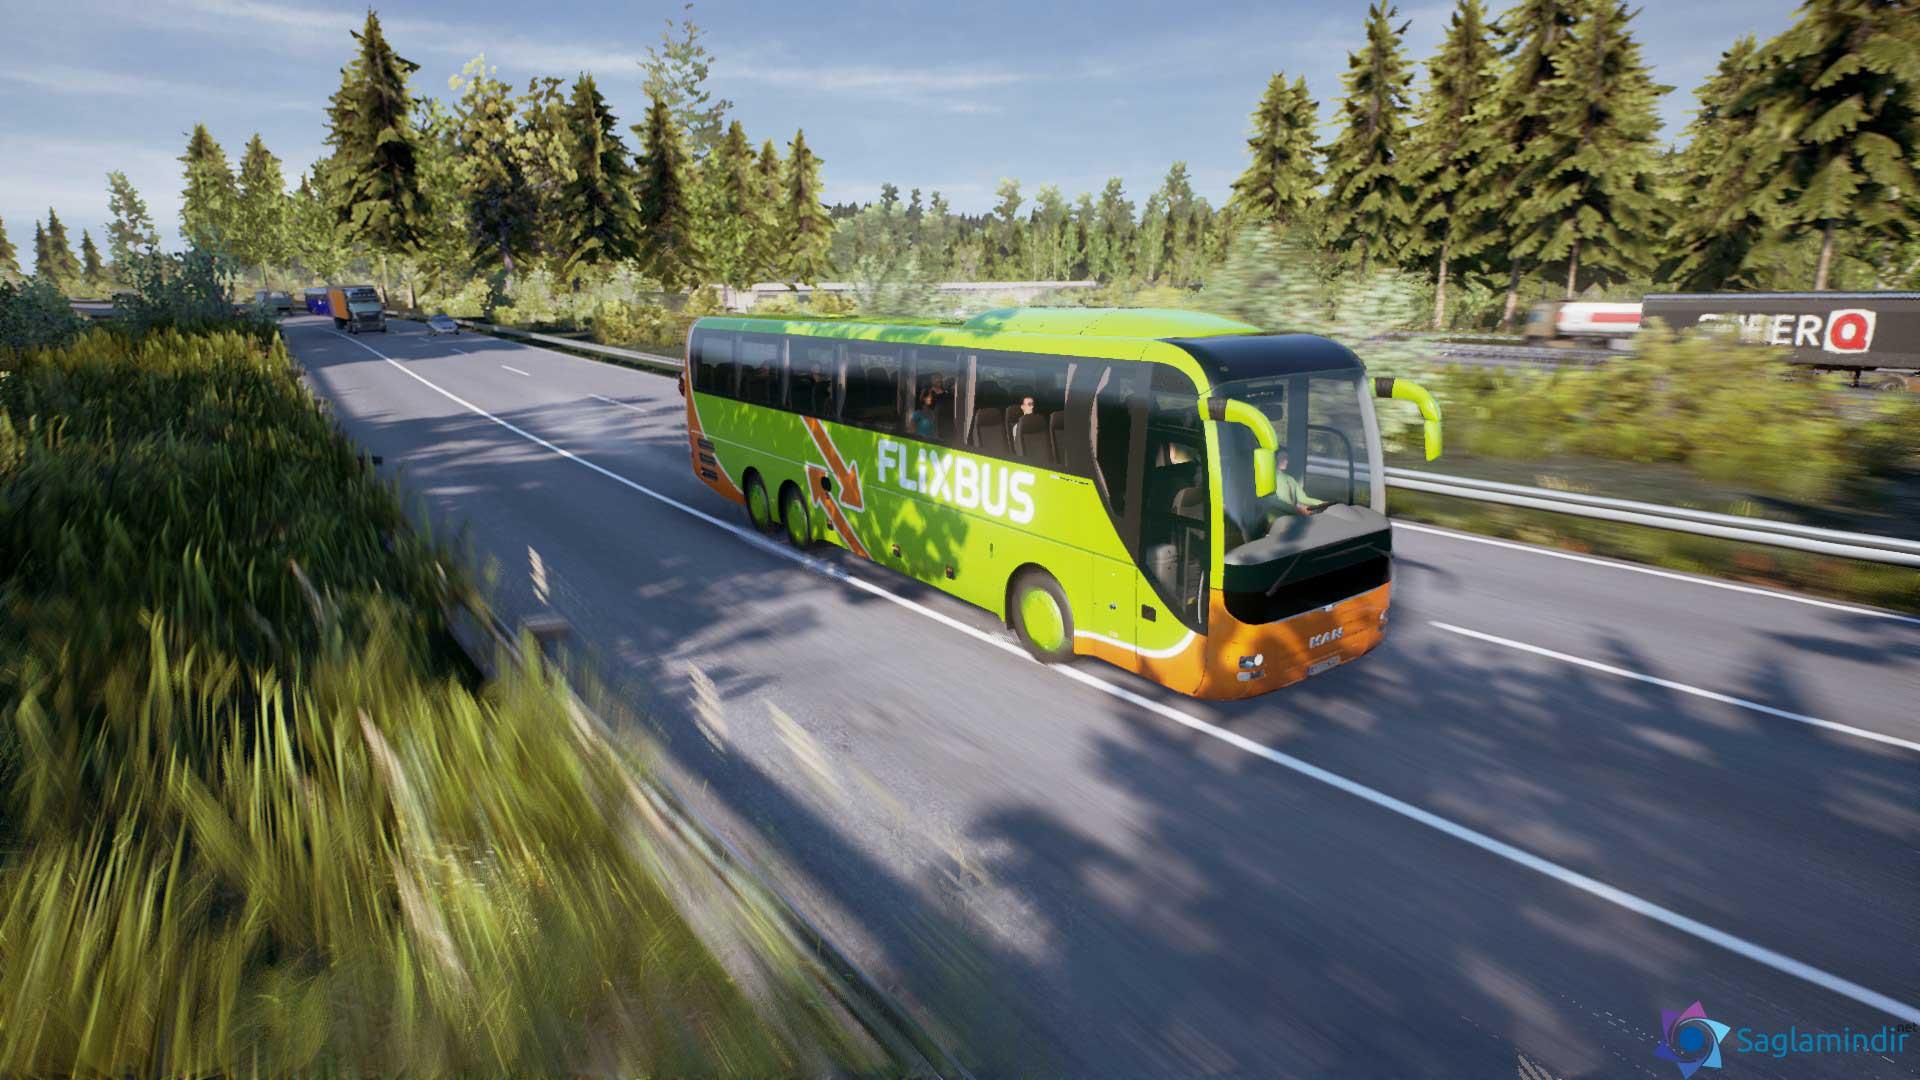 Fernbus Simulator saglamindir